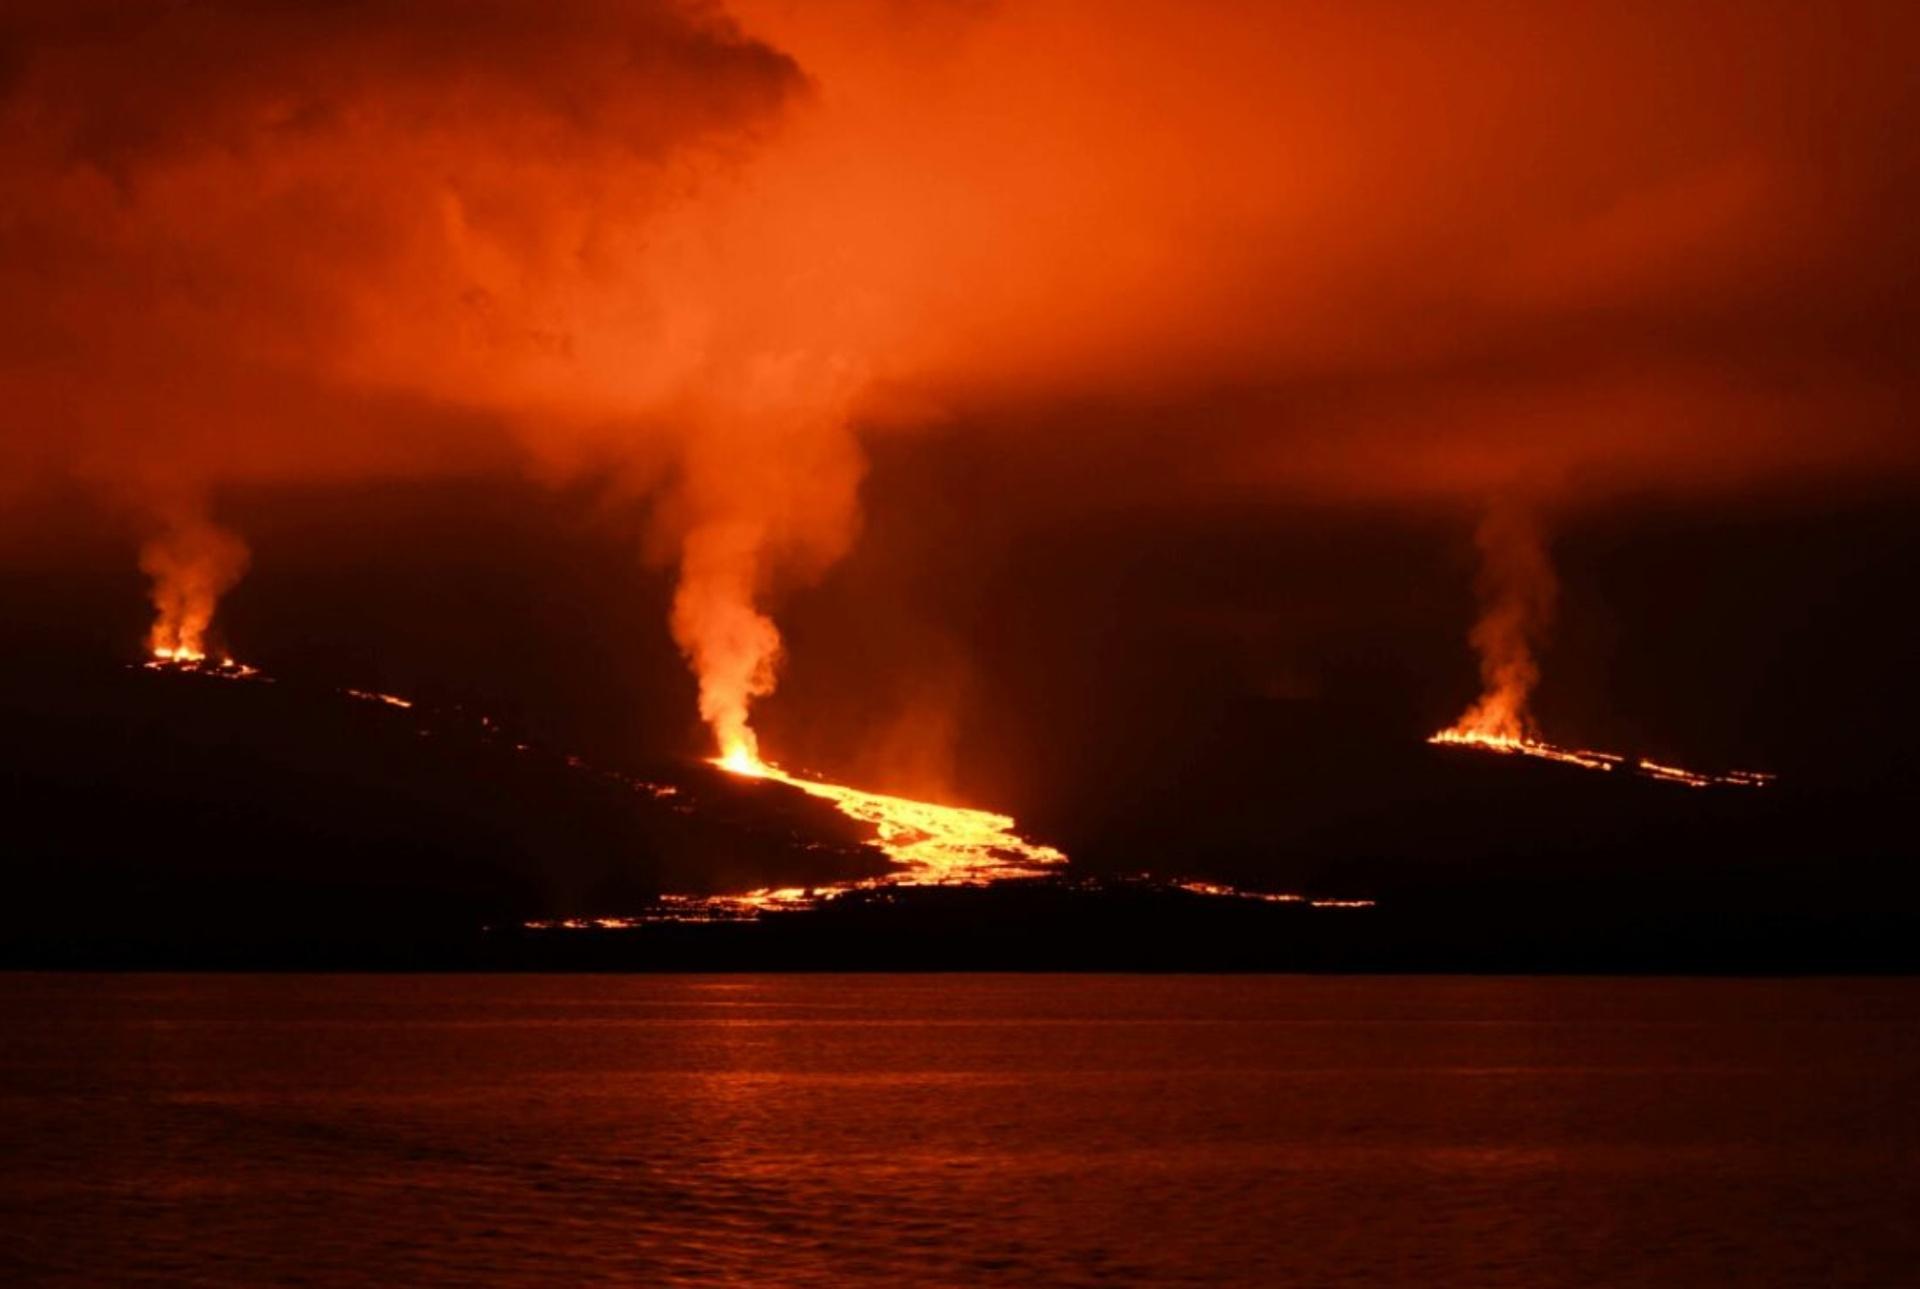 27.jun.2018 - O Equador evacuou 50 habitantes da ilha Isabela, no arquipélago de Galápagos, e declarou o alerta laranja diante da erupção do vulcão Sierra Negra na tarde de terça-feria (26), o que obrigou as autoridades a restringir o acesso de turistas às zonas de risco